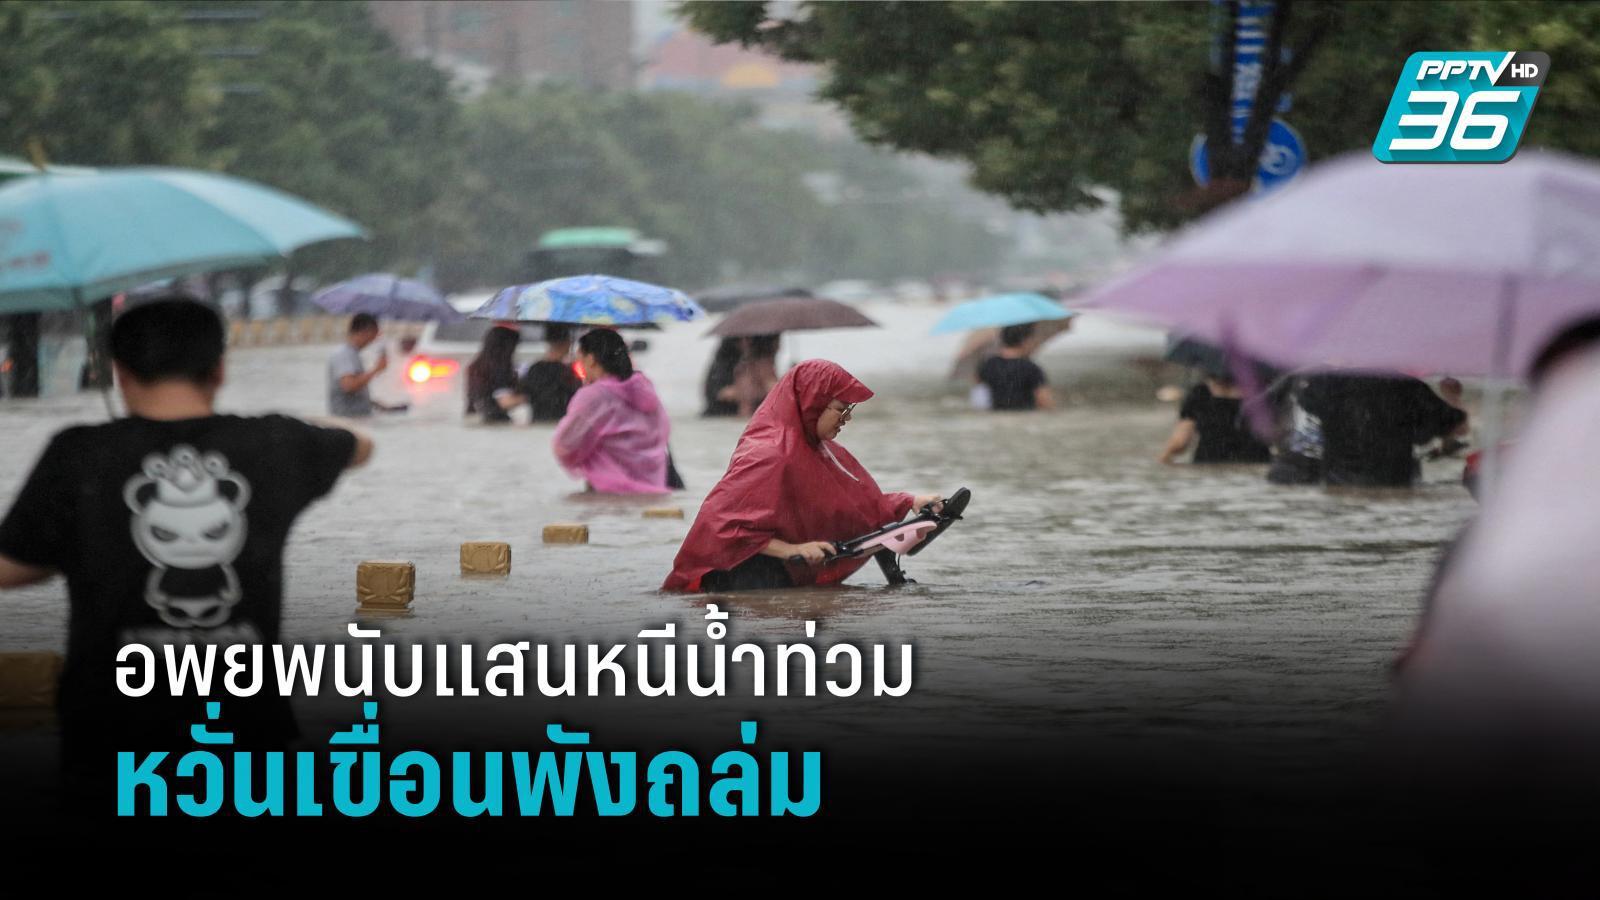 จีนอพยพ ปชช.นับแสนหนีน้ำท่วม เตือนเขื่อนอาจพังถล่ม